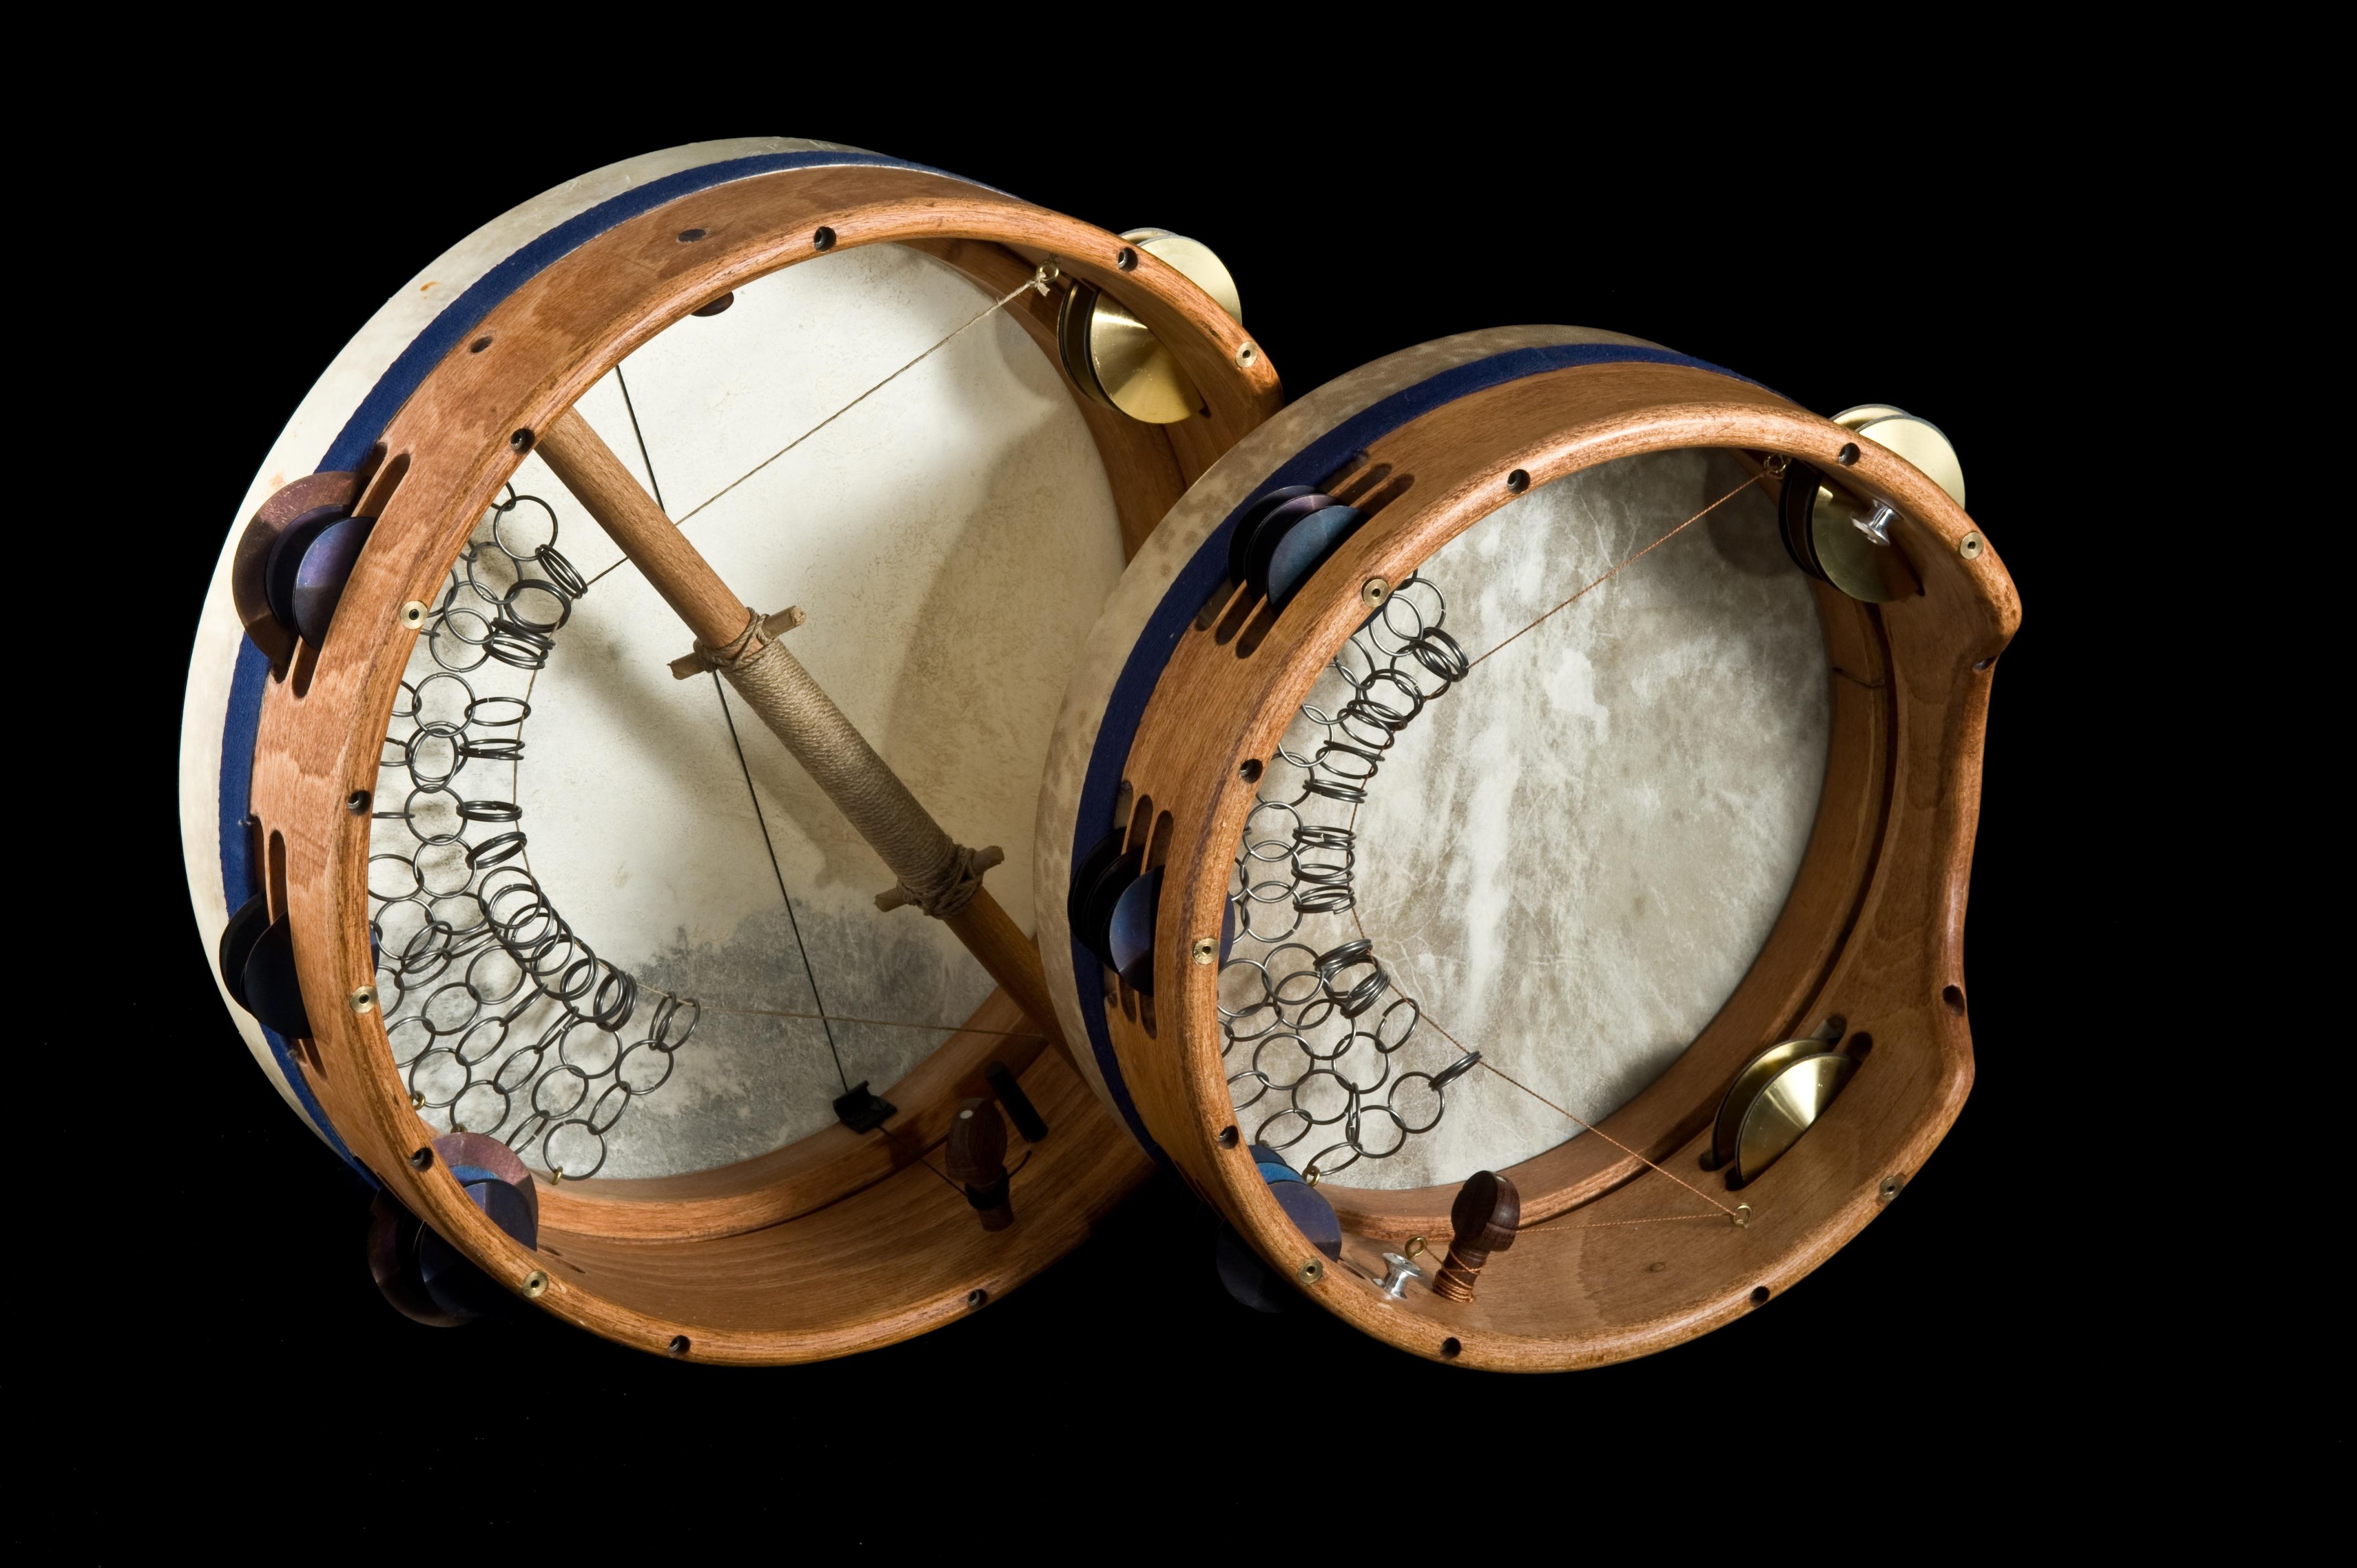 Eckermann Creature Drums